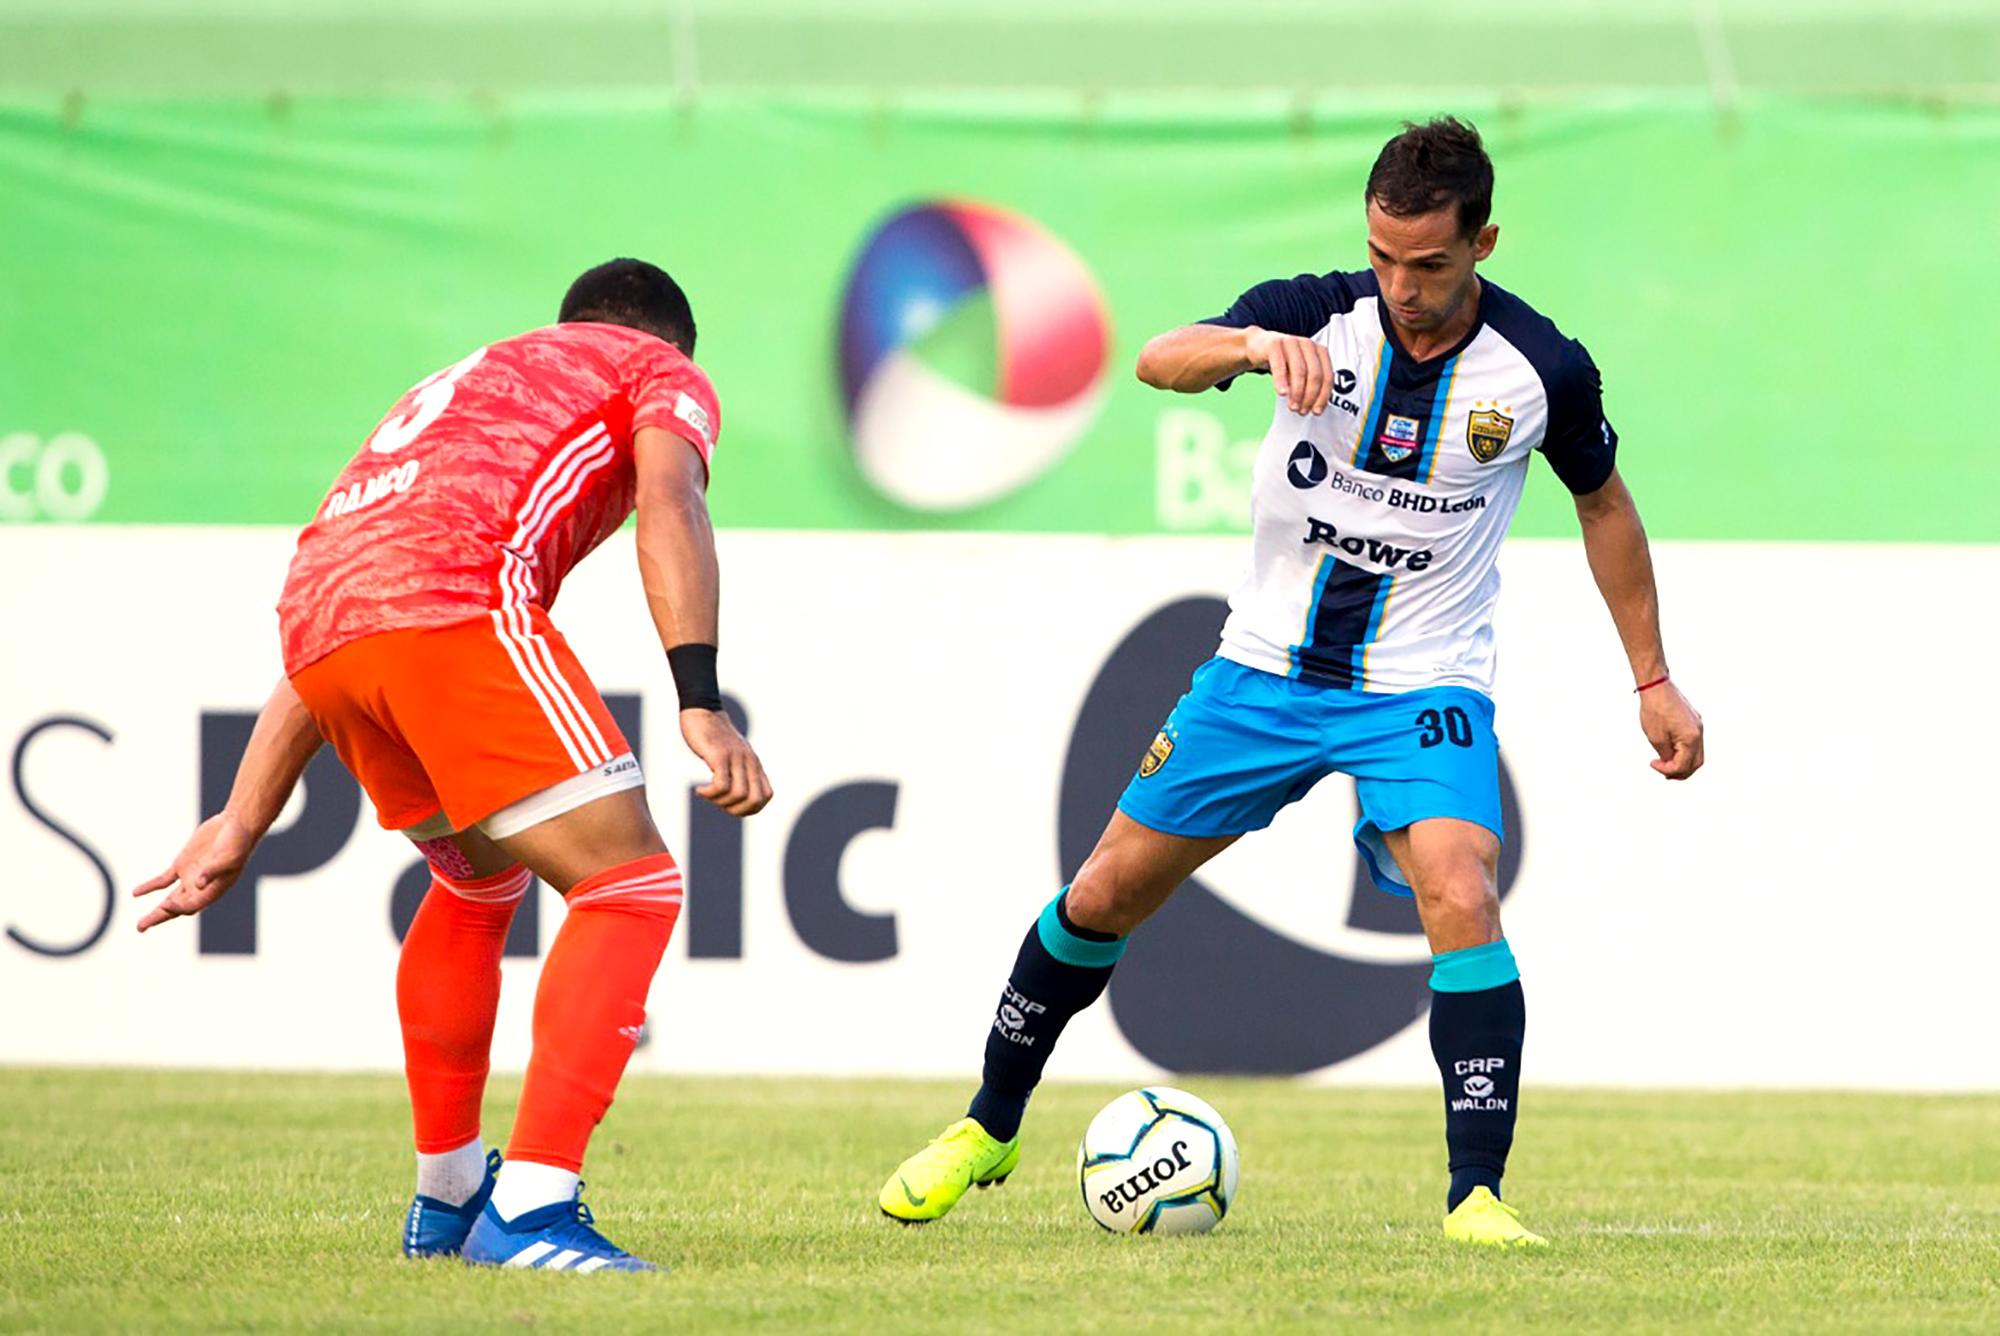 Gran Final LDF Atlético Pantoja y Cibao  FC al primer round en el Félix Sánchez